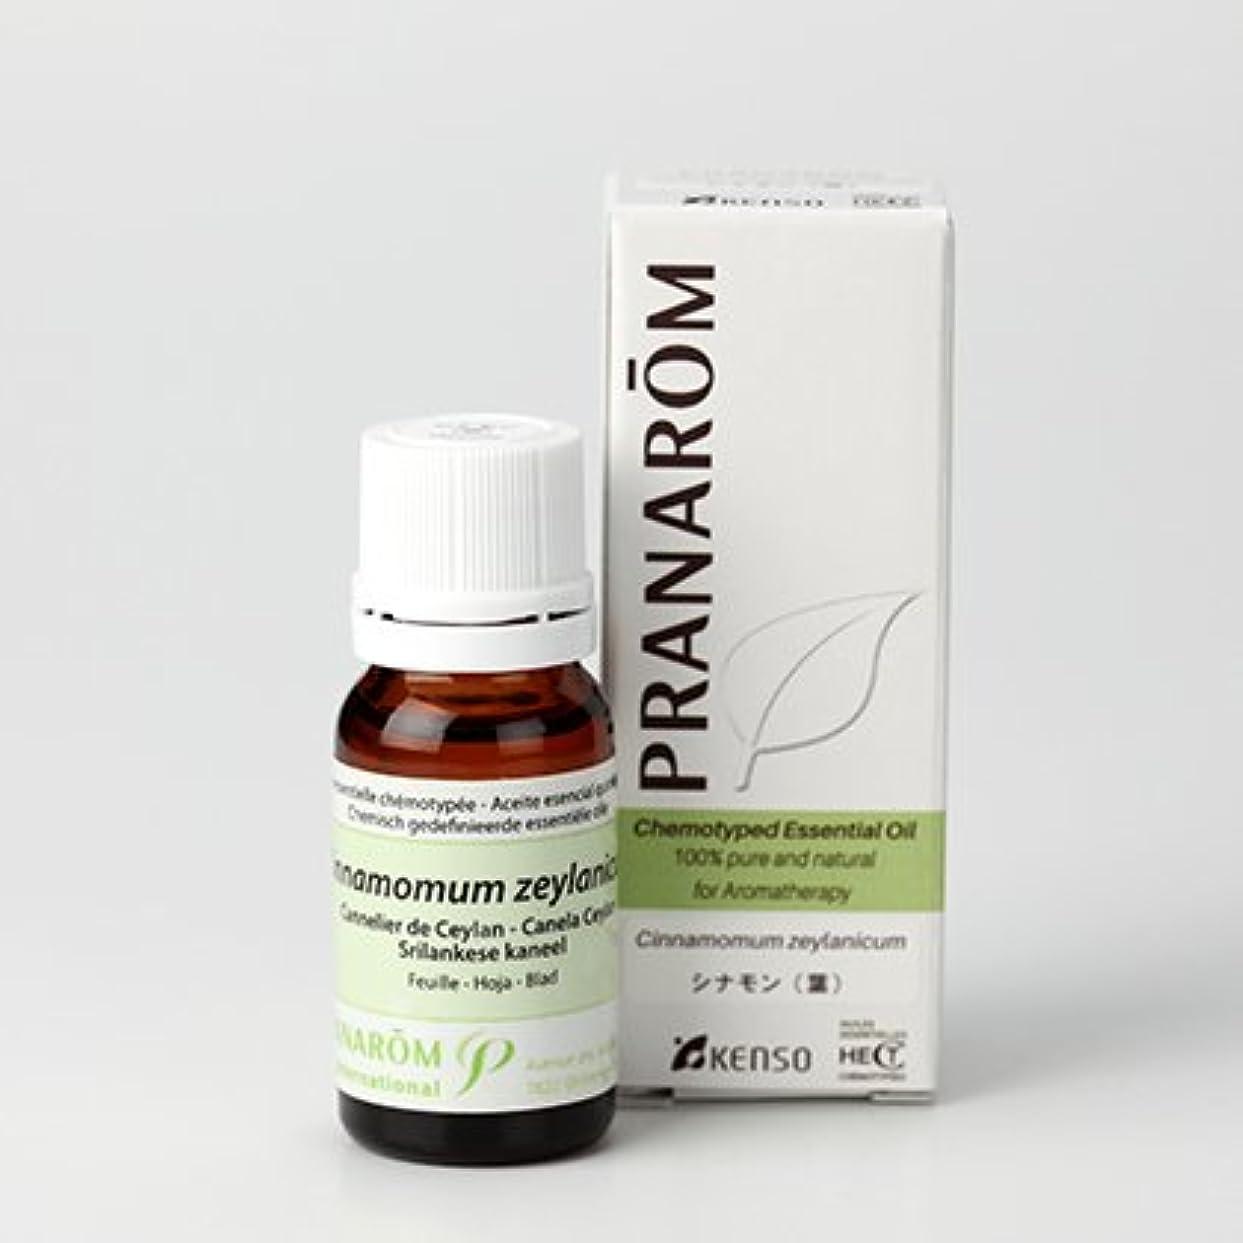 罹患率不当ますますシナモン(葉) 10ml プラナロム社エッセンシャルオイル(精油)スパイス系ミドルノート